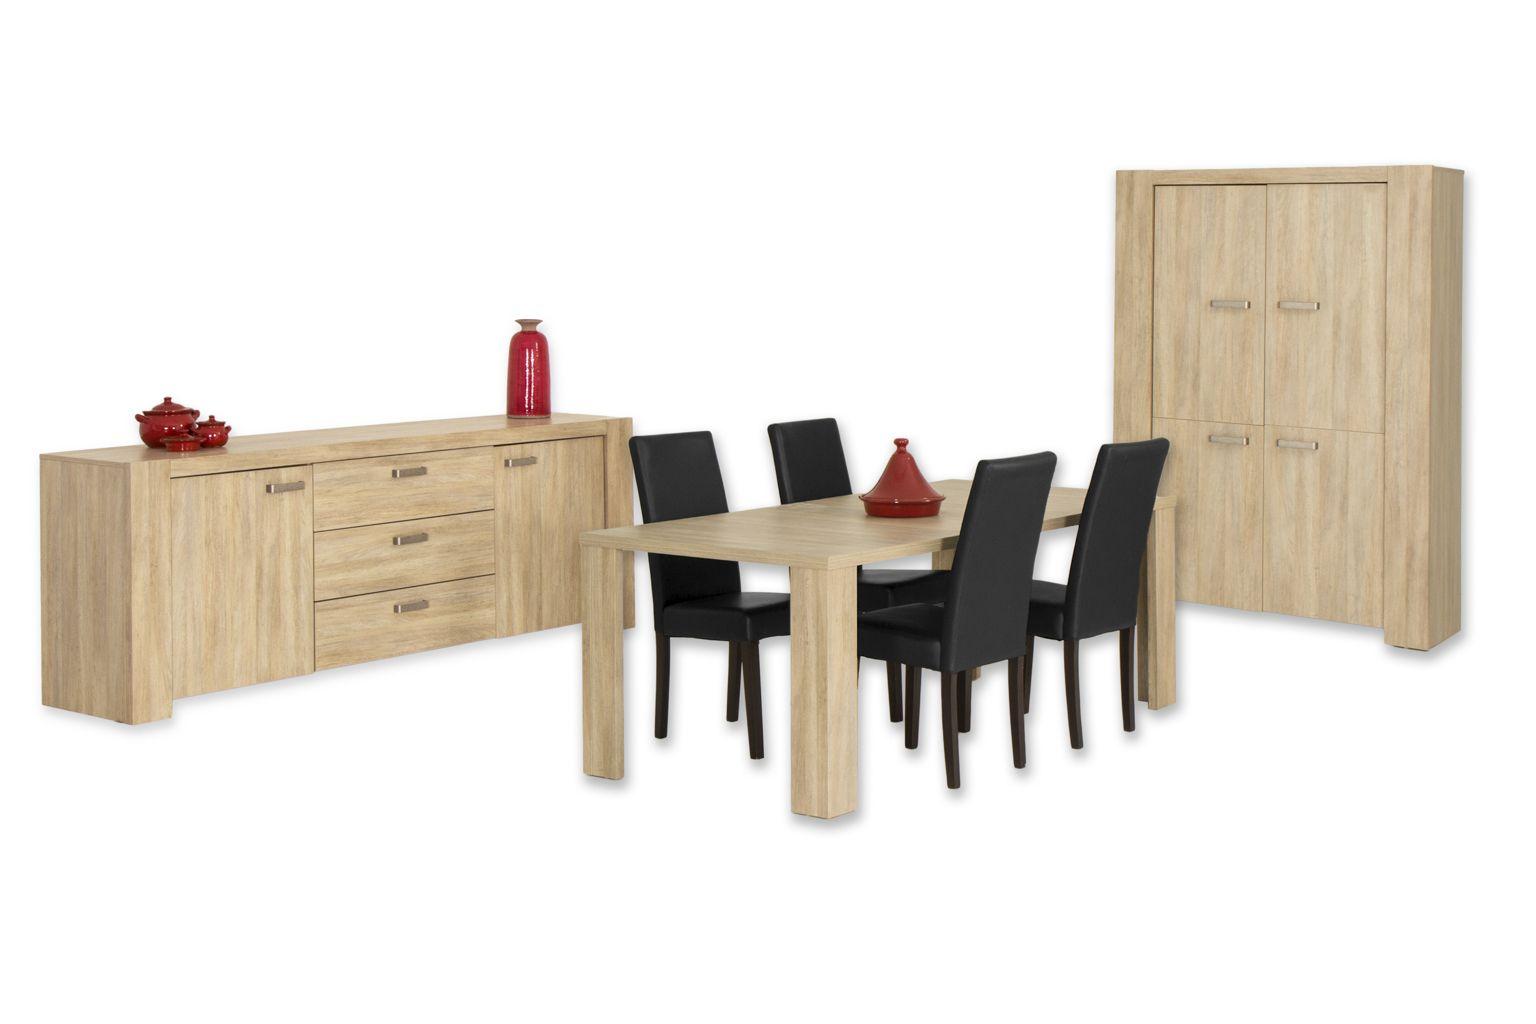 130159.013 - Eetkamer - WEBA meubelen Gent en Deinze/Oost-Vlaanderen en webshop: meubels aan scherpe prijzen